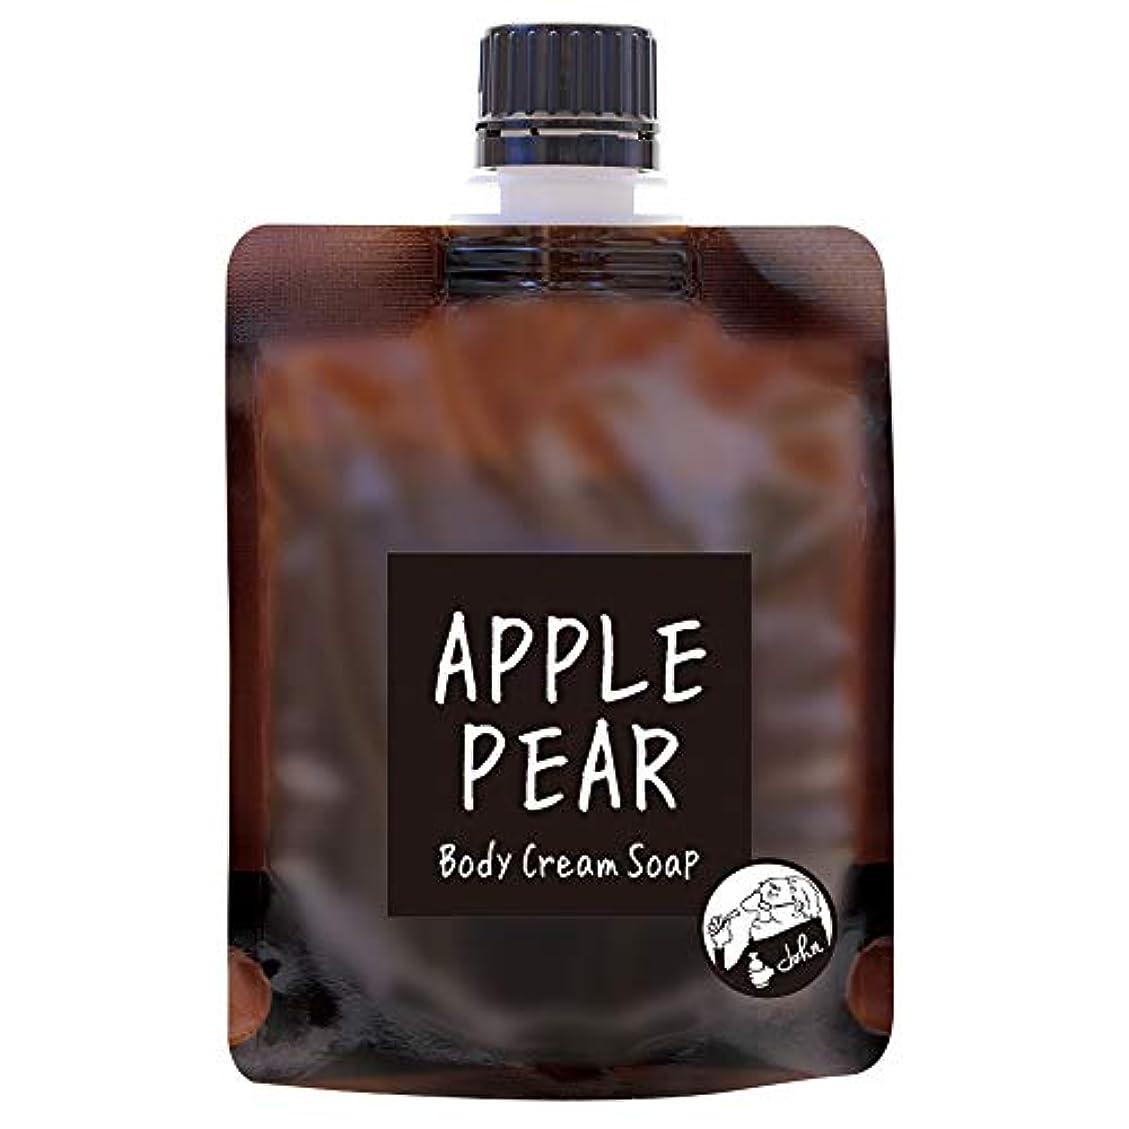 言うまでもなくネイティブ誤解するノルコーポレーション John's Blend ボディクリームソープ 保湿成分配合 OA-JON-19-4 ボディソープ アップルペアーの香り 100g